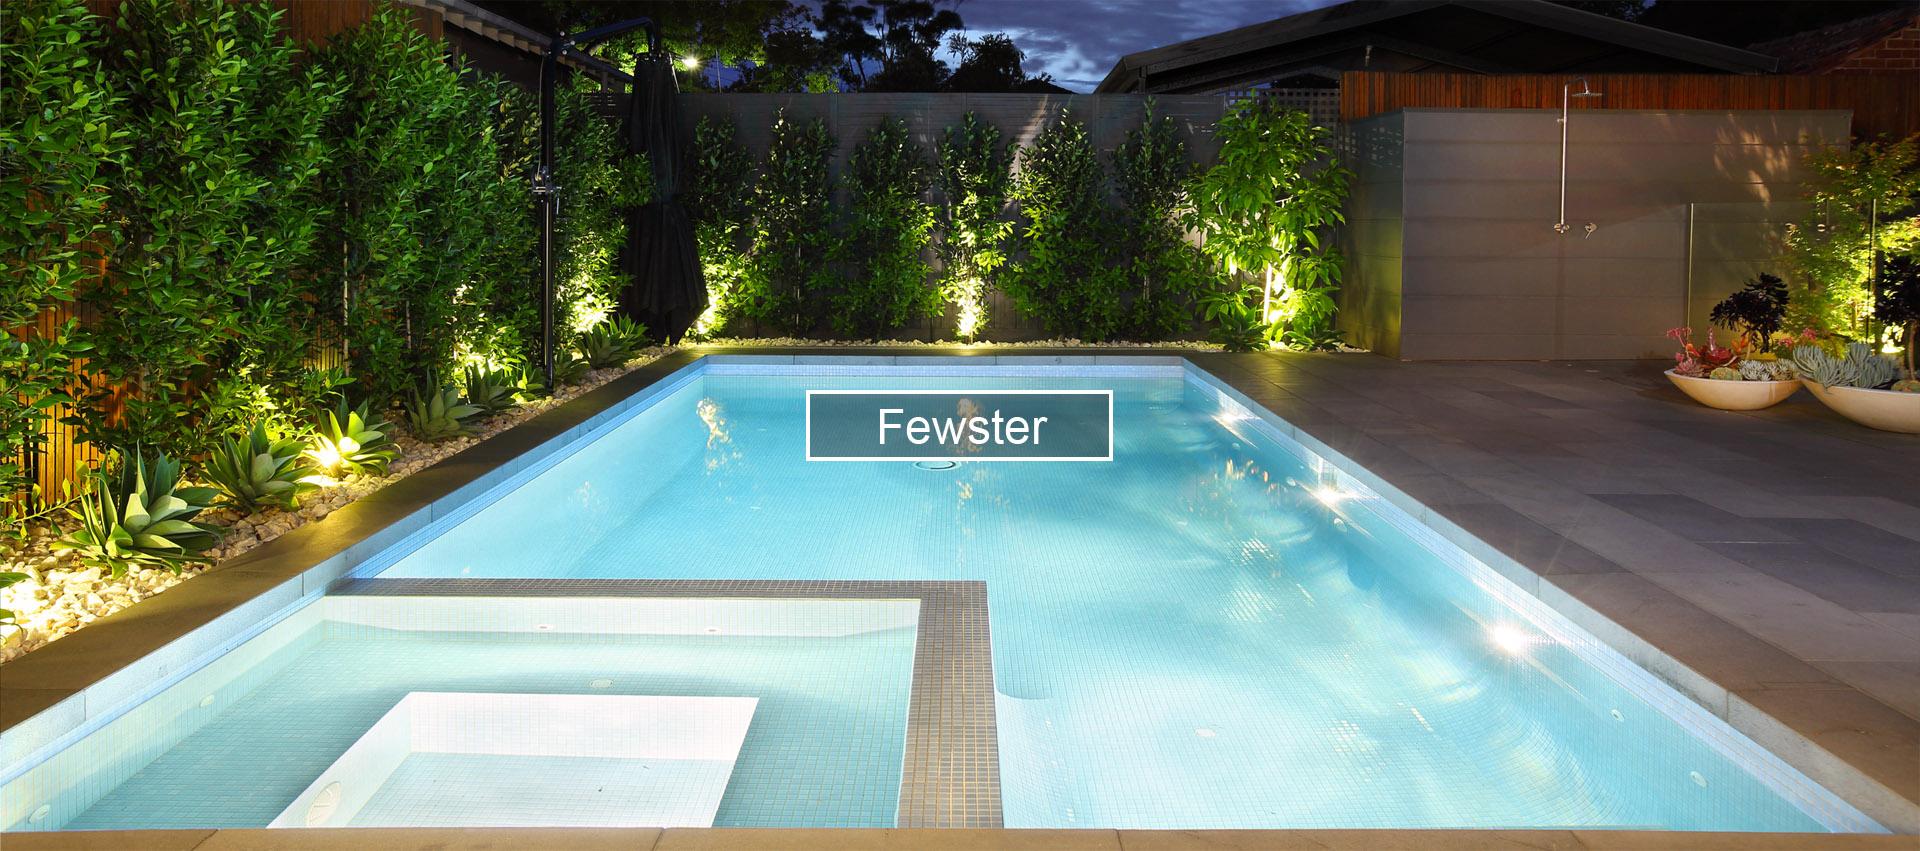 Fewster - Kiama Pools Swimming Pool Project